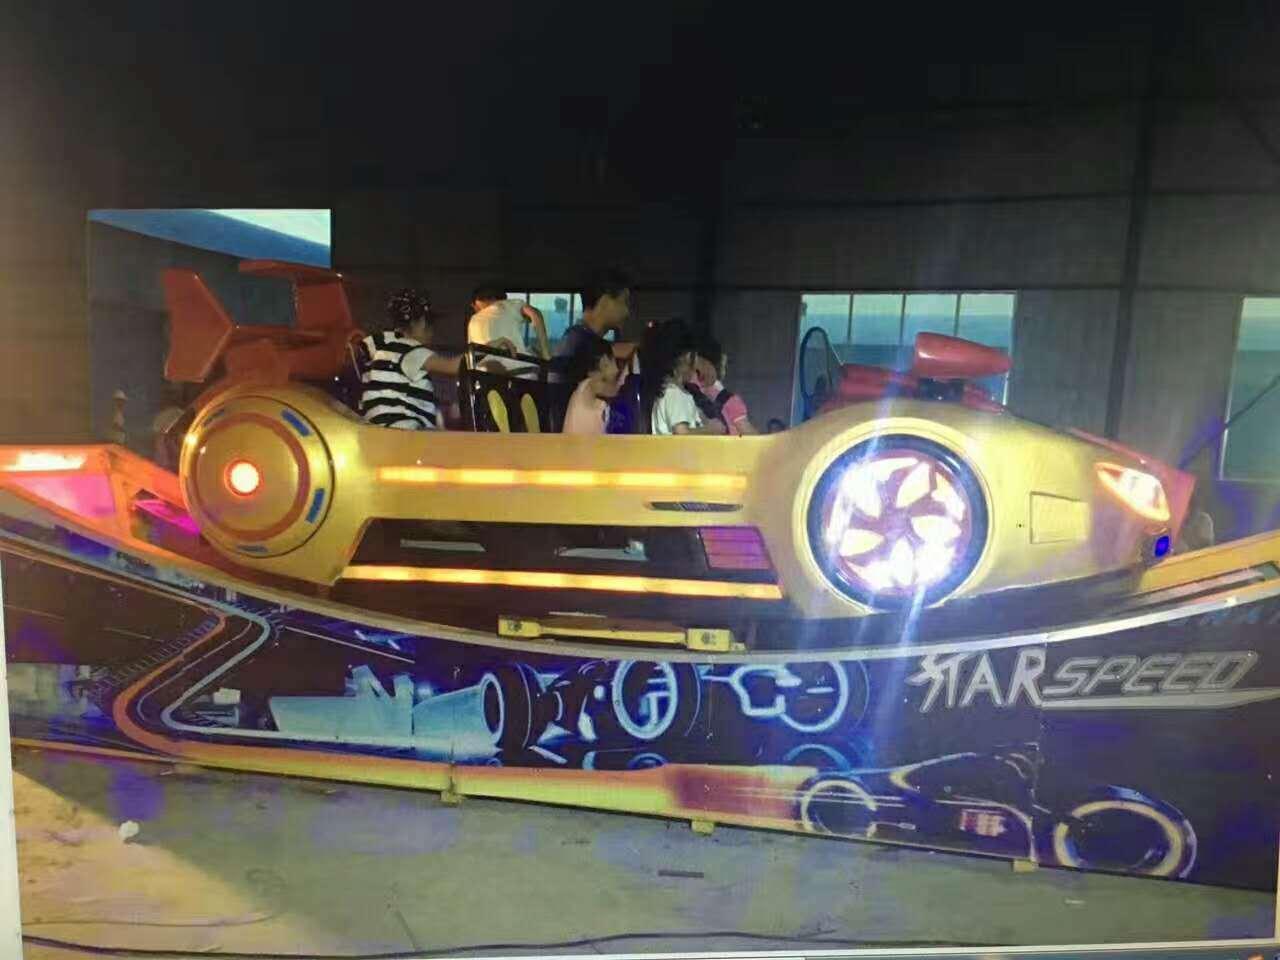 欢乐飞车儿童游乐设备 厂家直销新型霹雳飞车 郑州大洋生产厂家示例图3